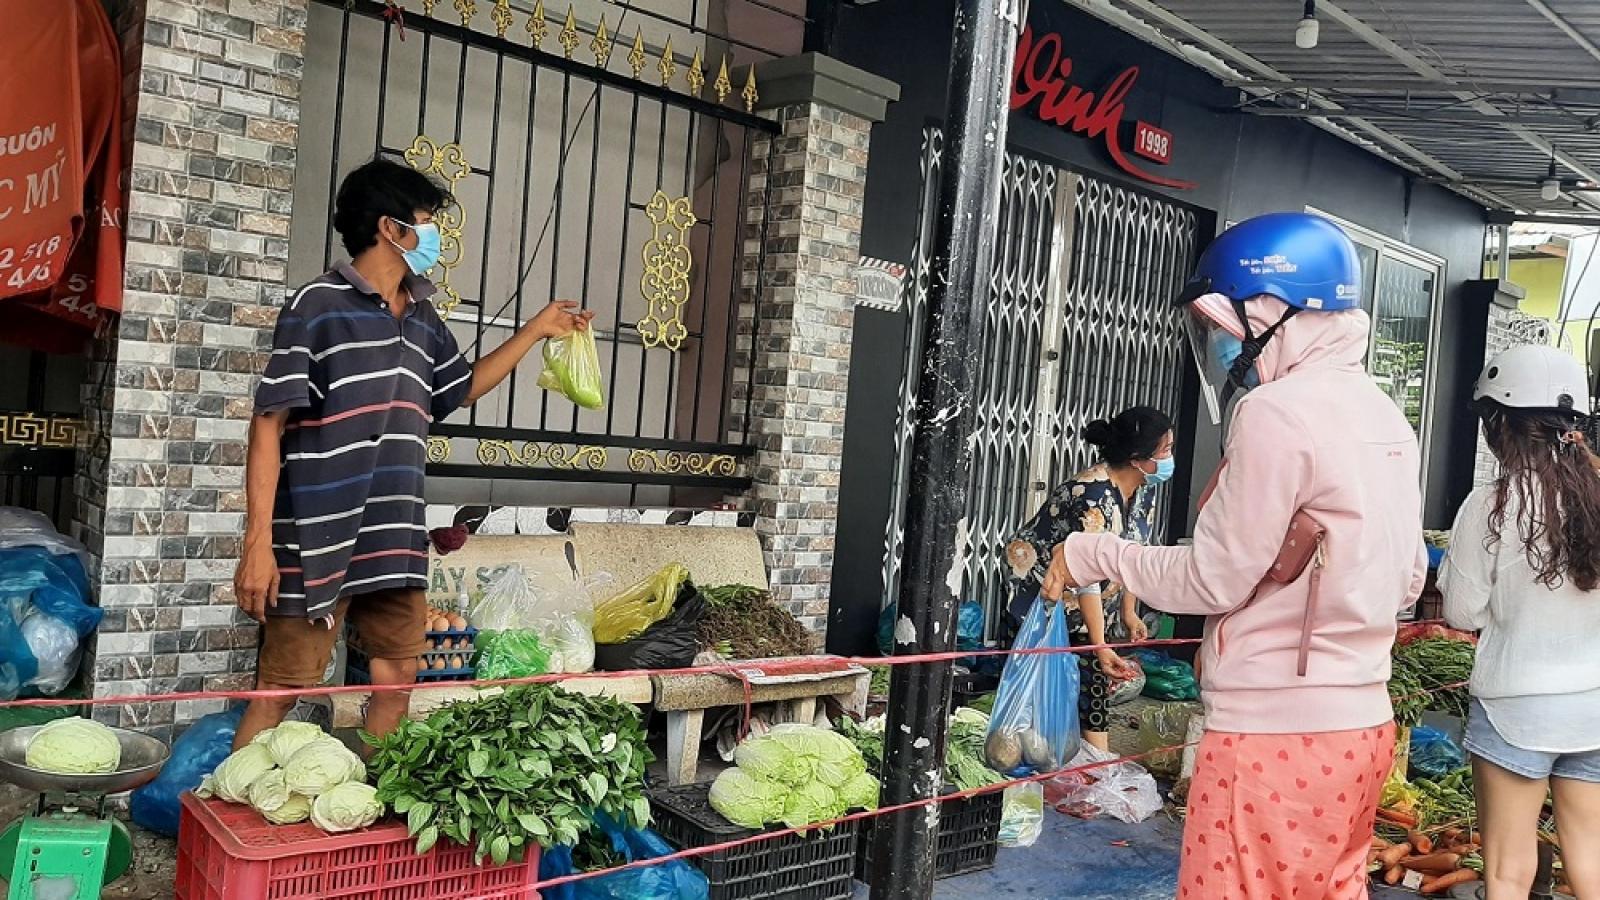 Tiền Giang: Hàng hóa thiết yếu vẫn đủ dù đóng cửa nhiều chợ